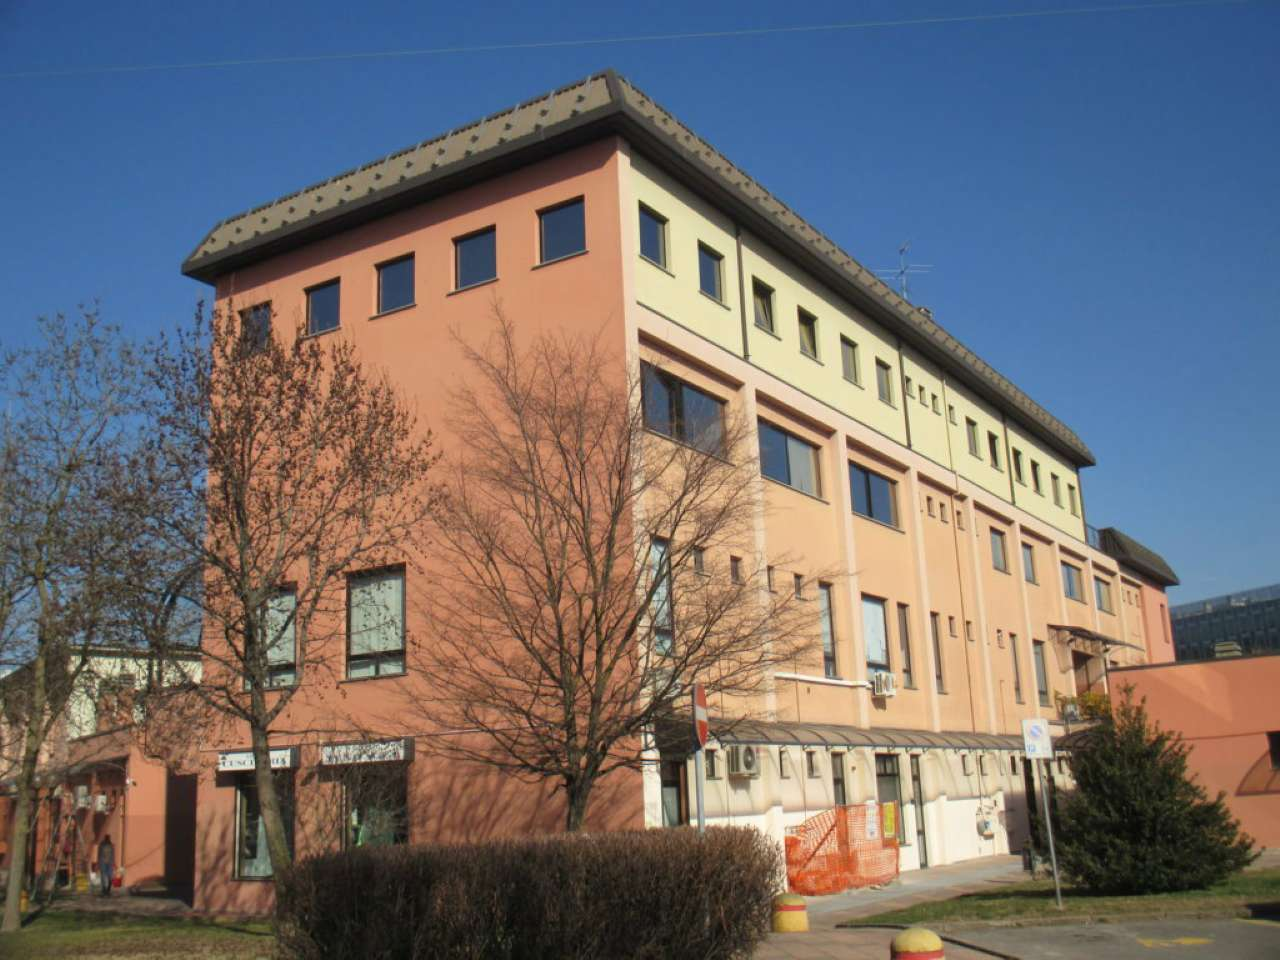 Ufficio-studio in Affitto a San Donato Milanese Centro: 145 mq